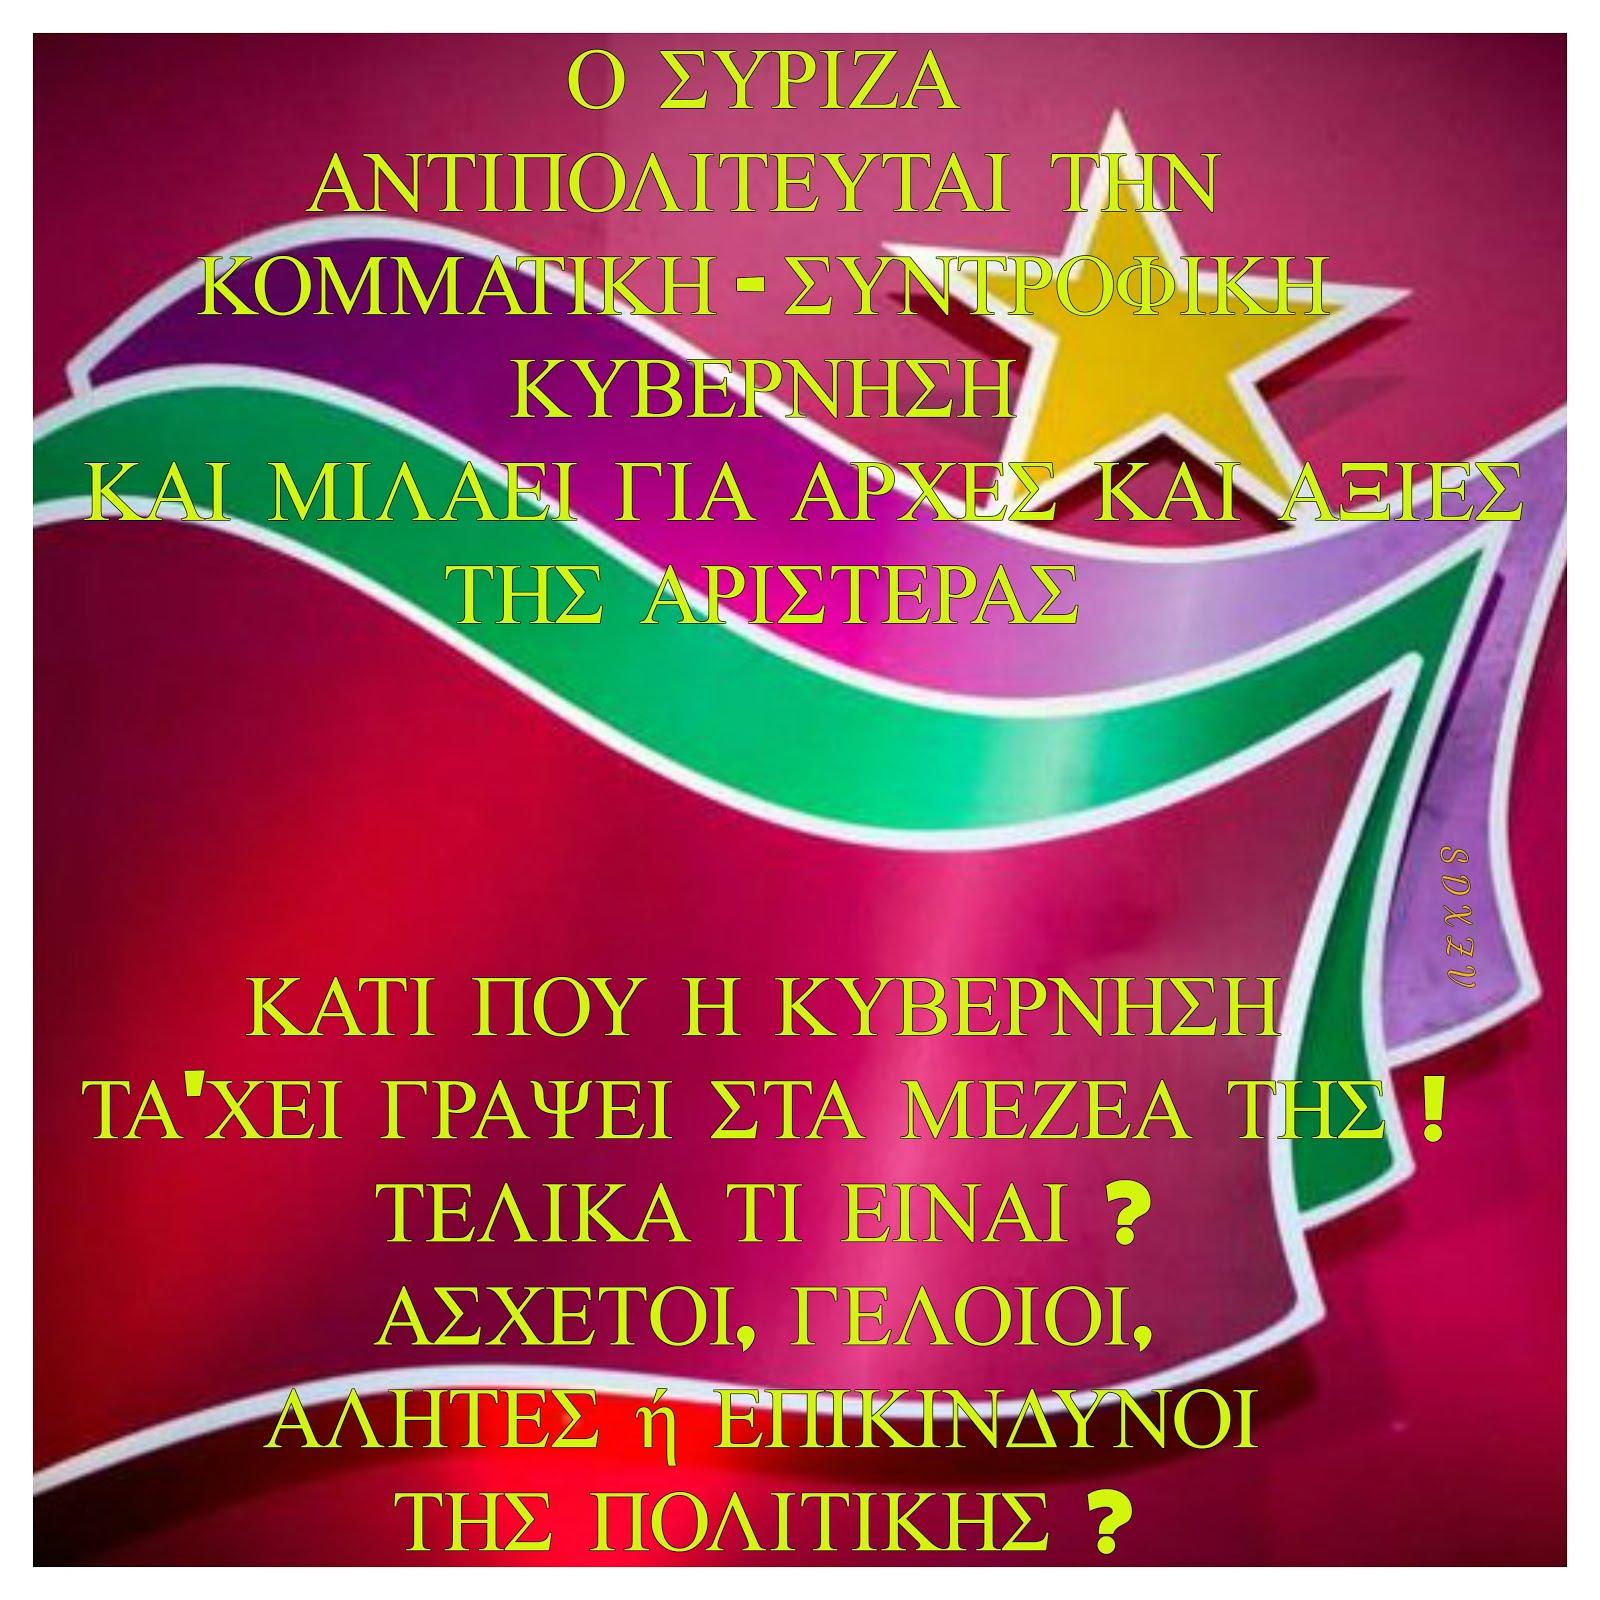 ΣΥΡΙΖΑ εναντίον ΣΥΡΙΖΑ !!